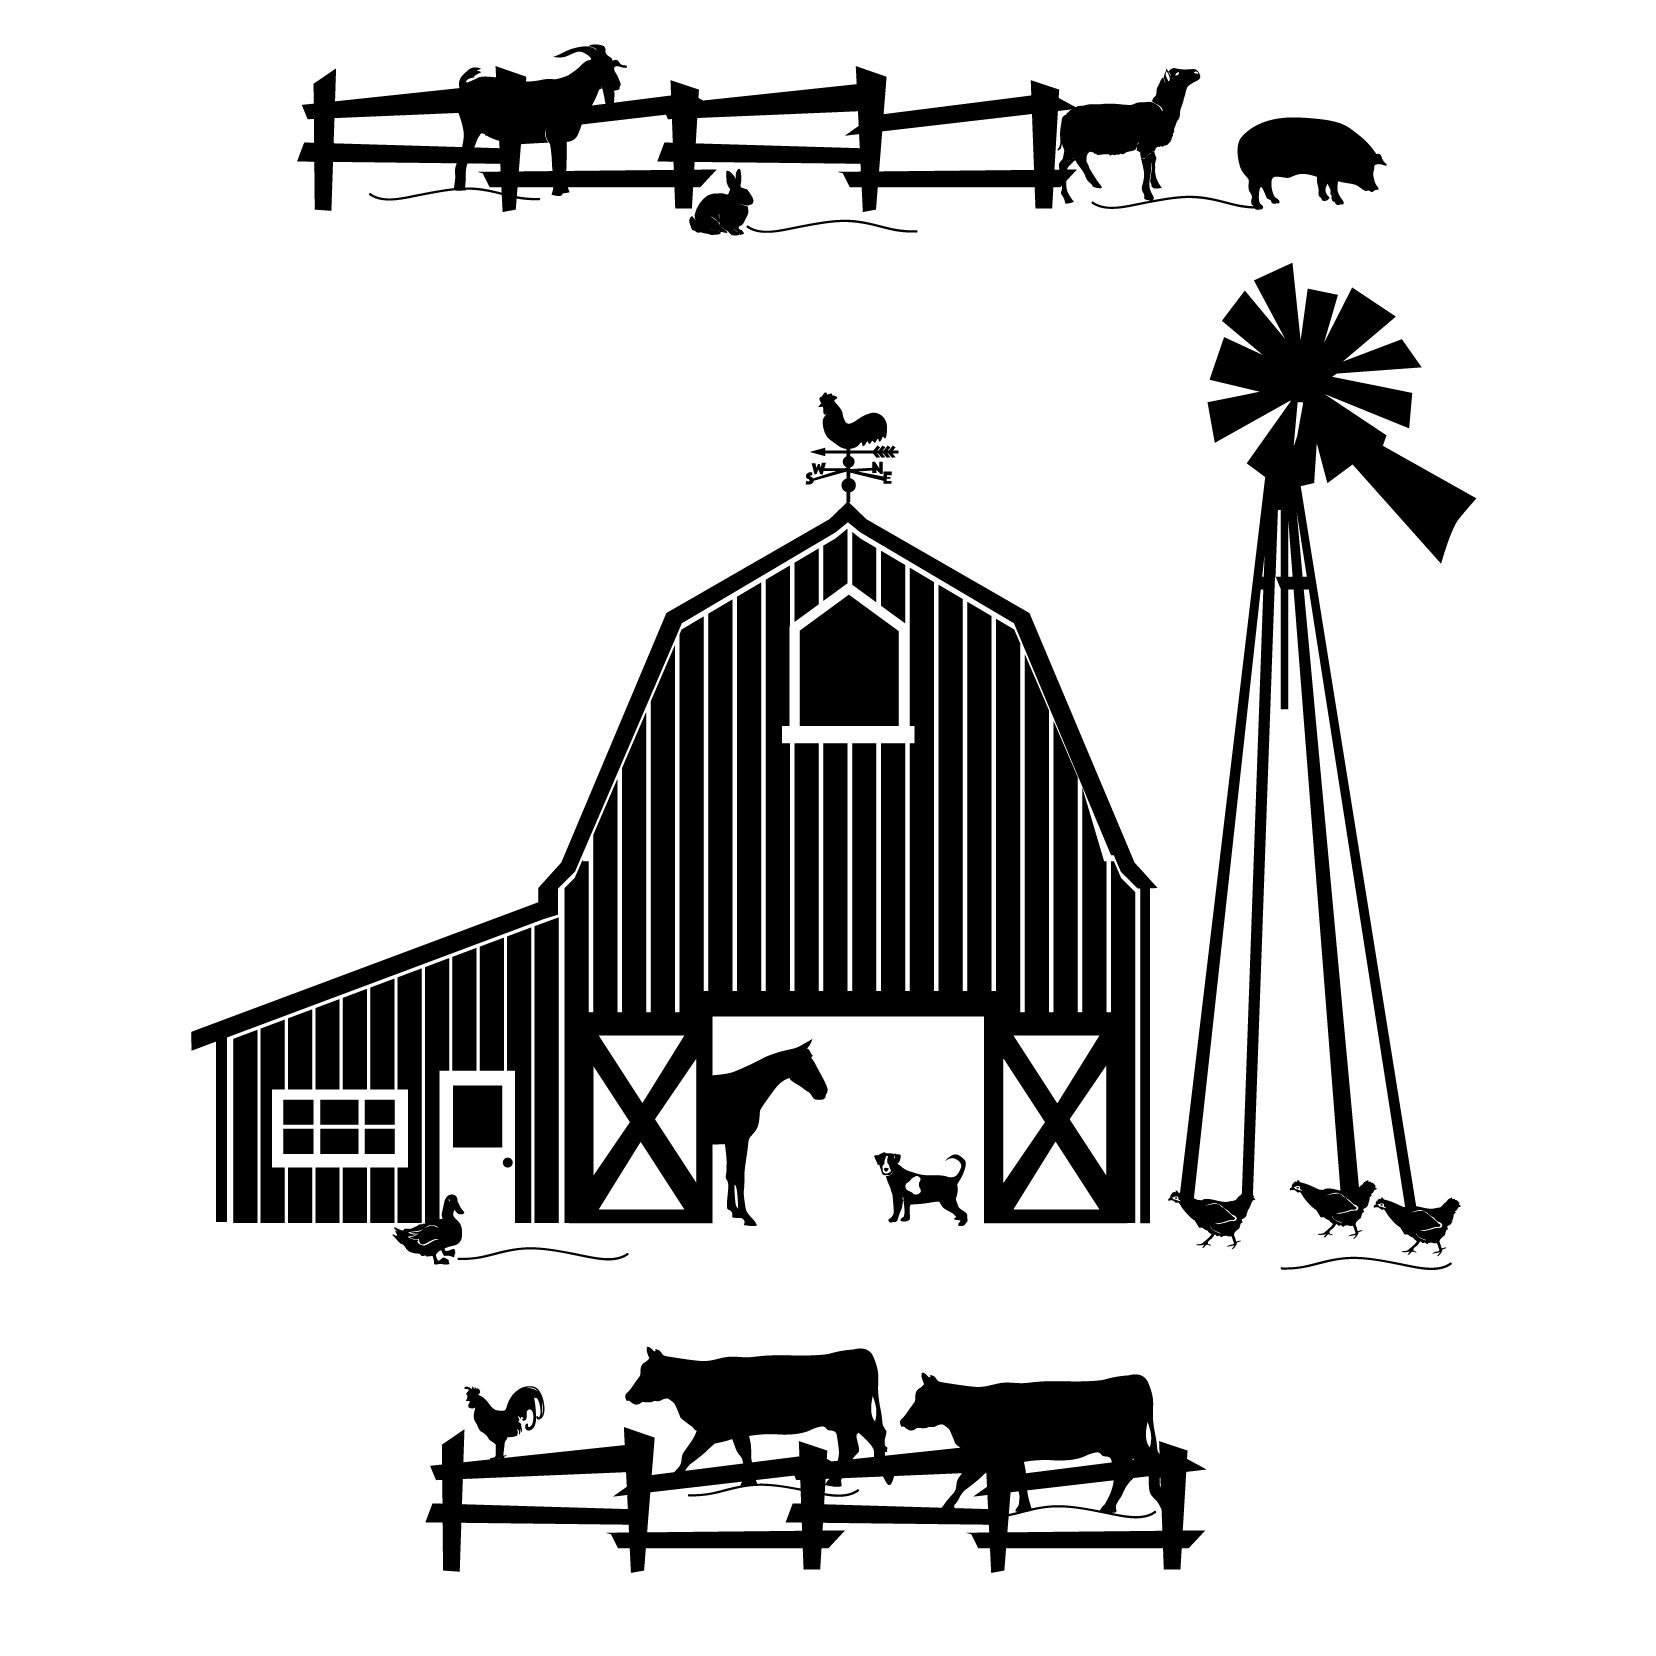 Farm black and white. Barn clipart scene